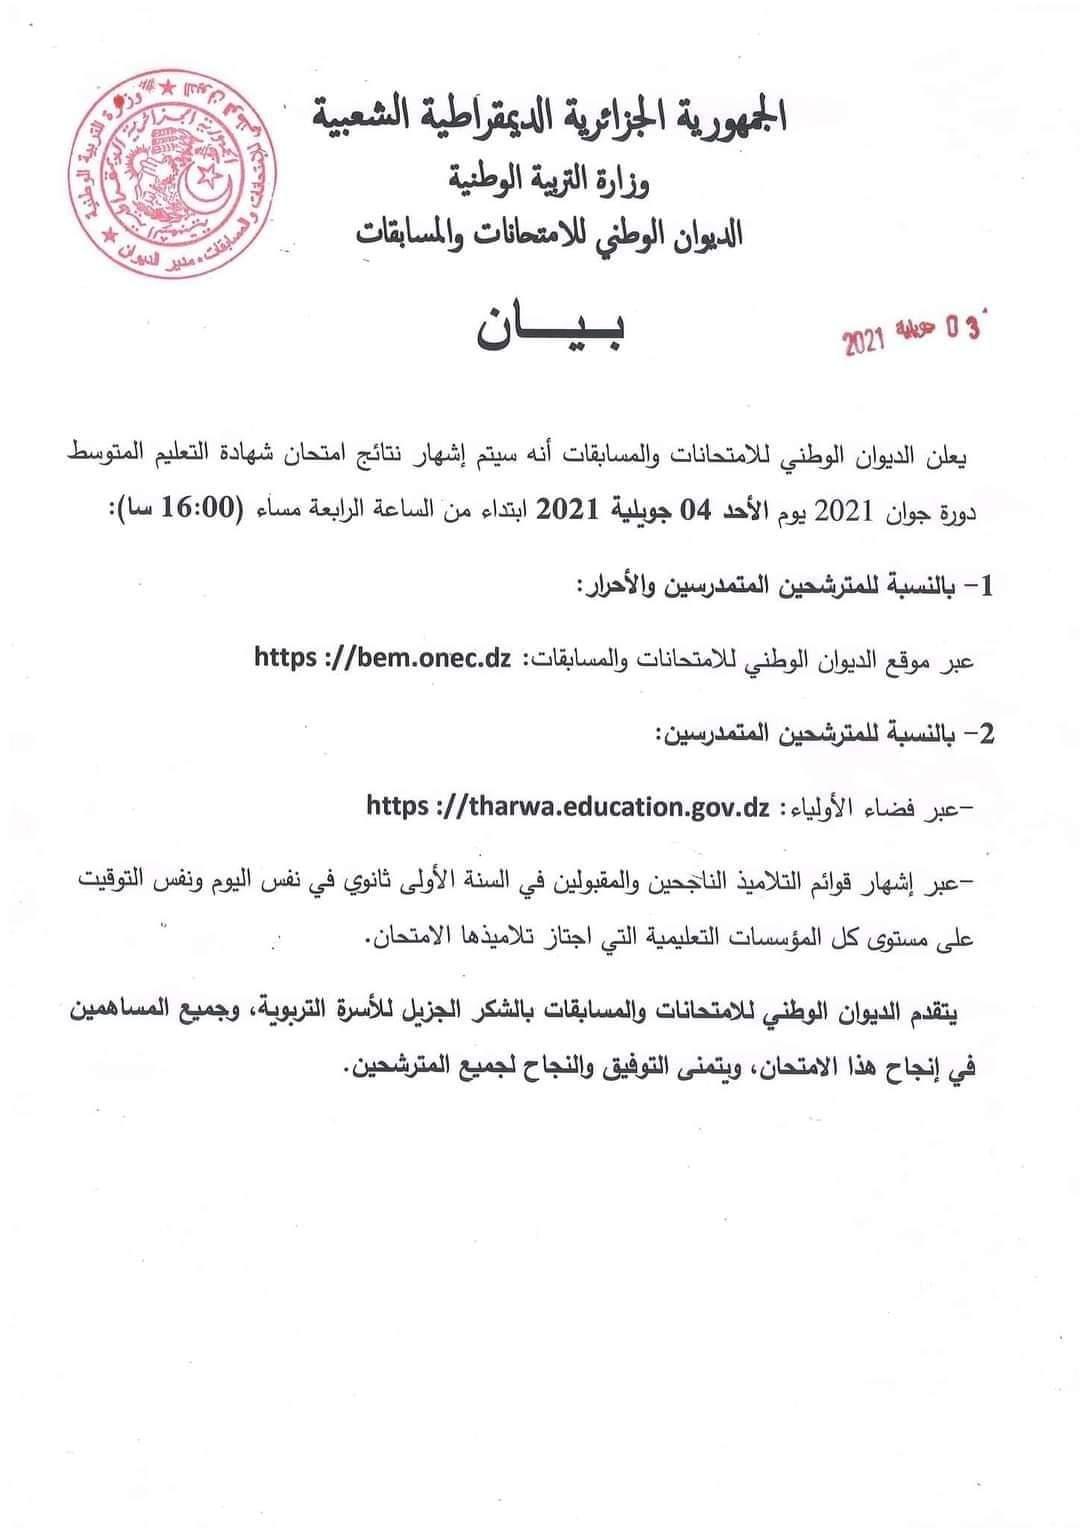 الإعلان عن نتائج  شهادة التعليم المتوسط غدا الأحد على الساعة 16:00